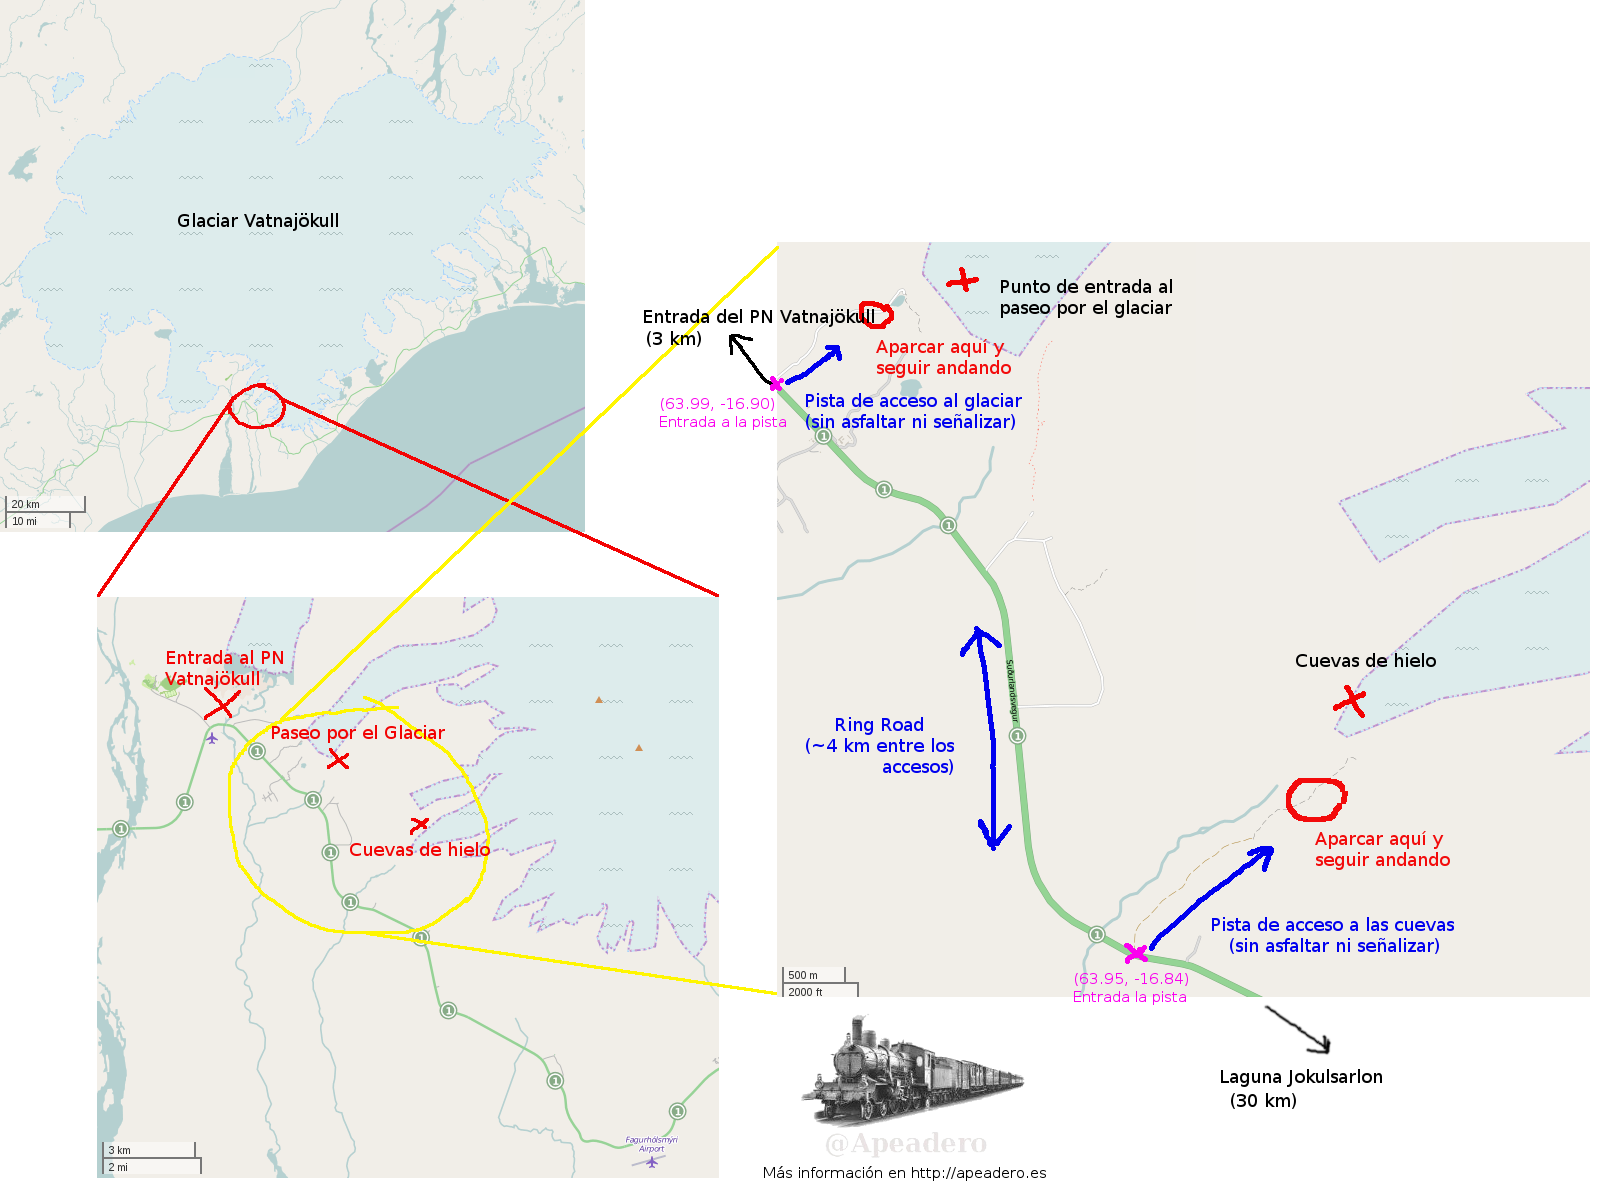 El mapa para encontrar las cuevas de hielo y el lugar dónde iniciar las caminatas en Islandia